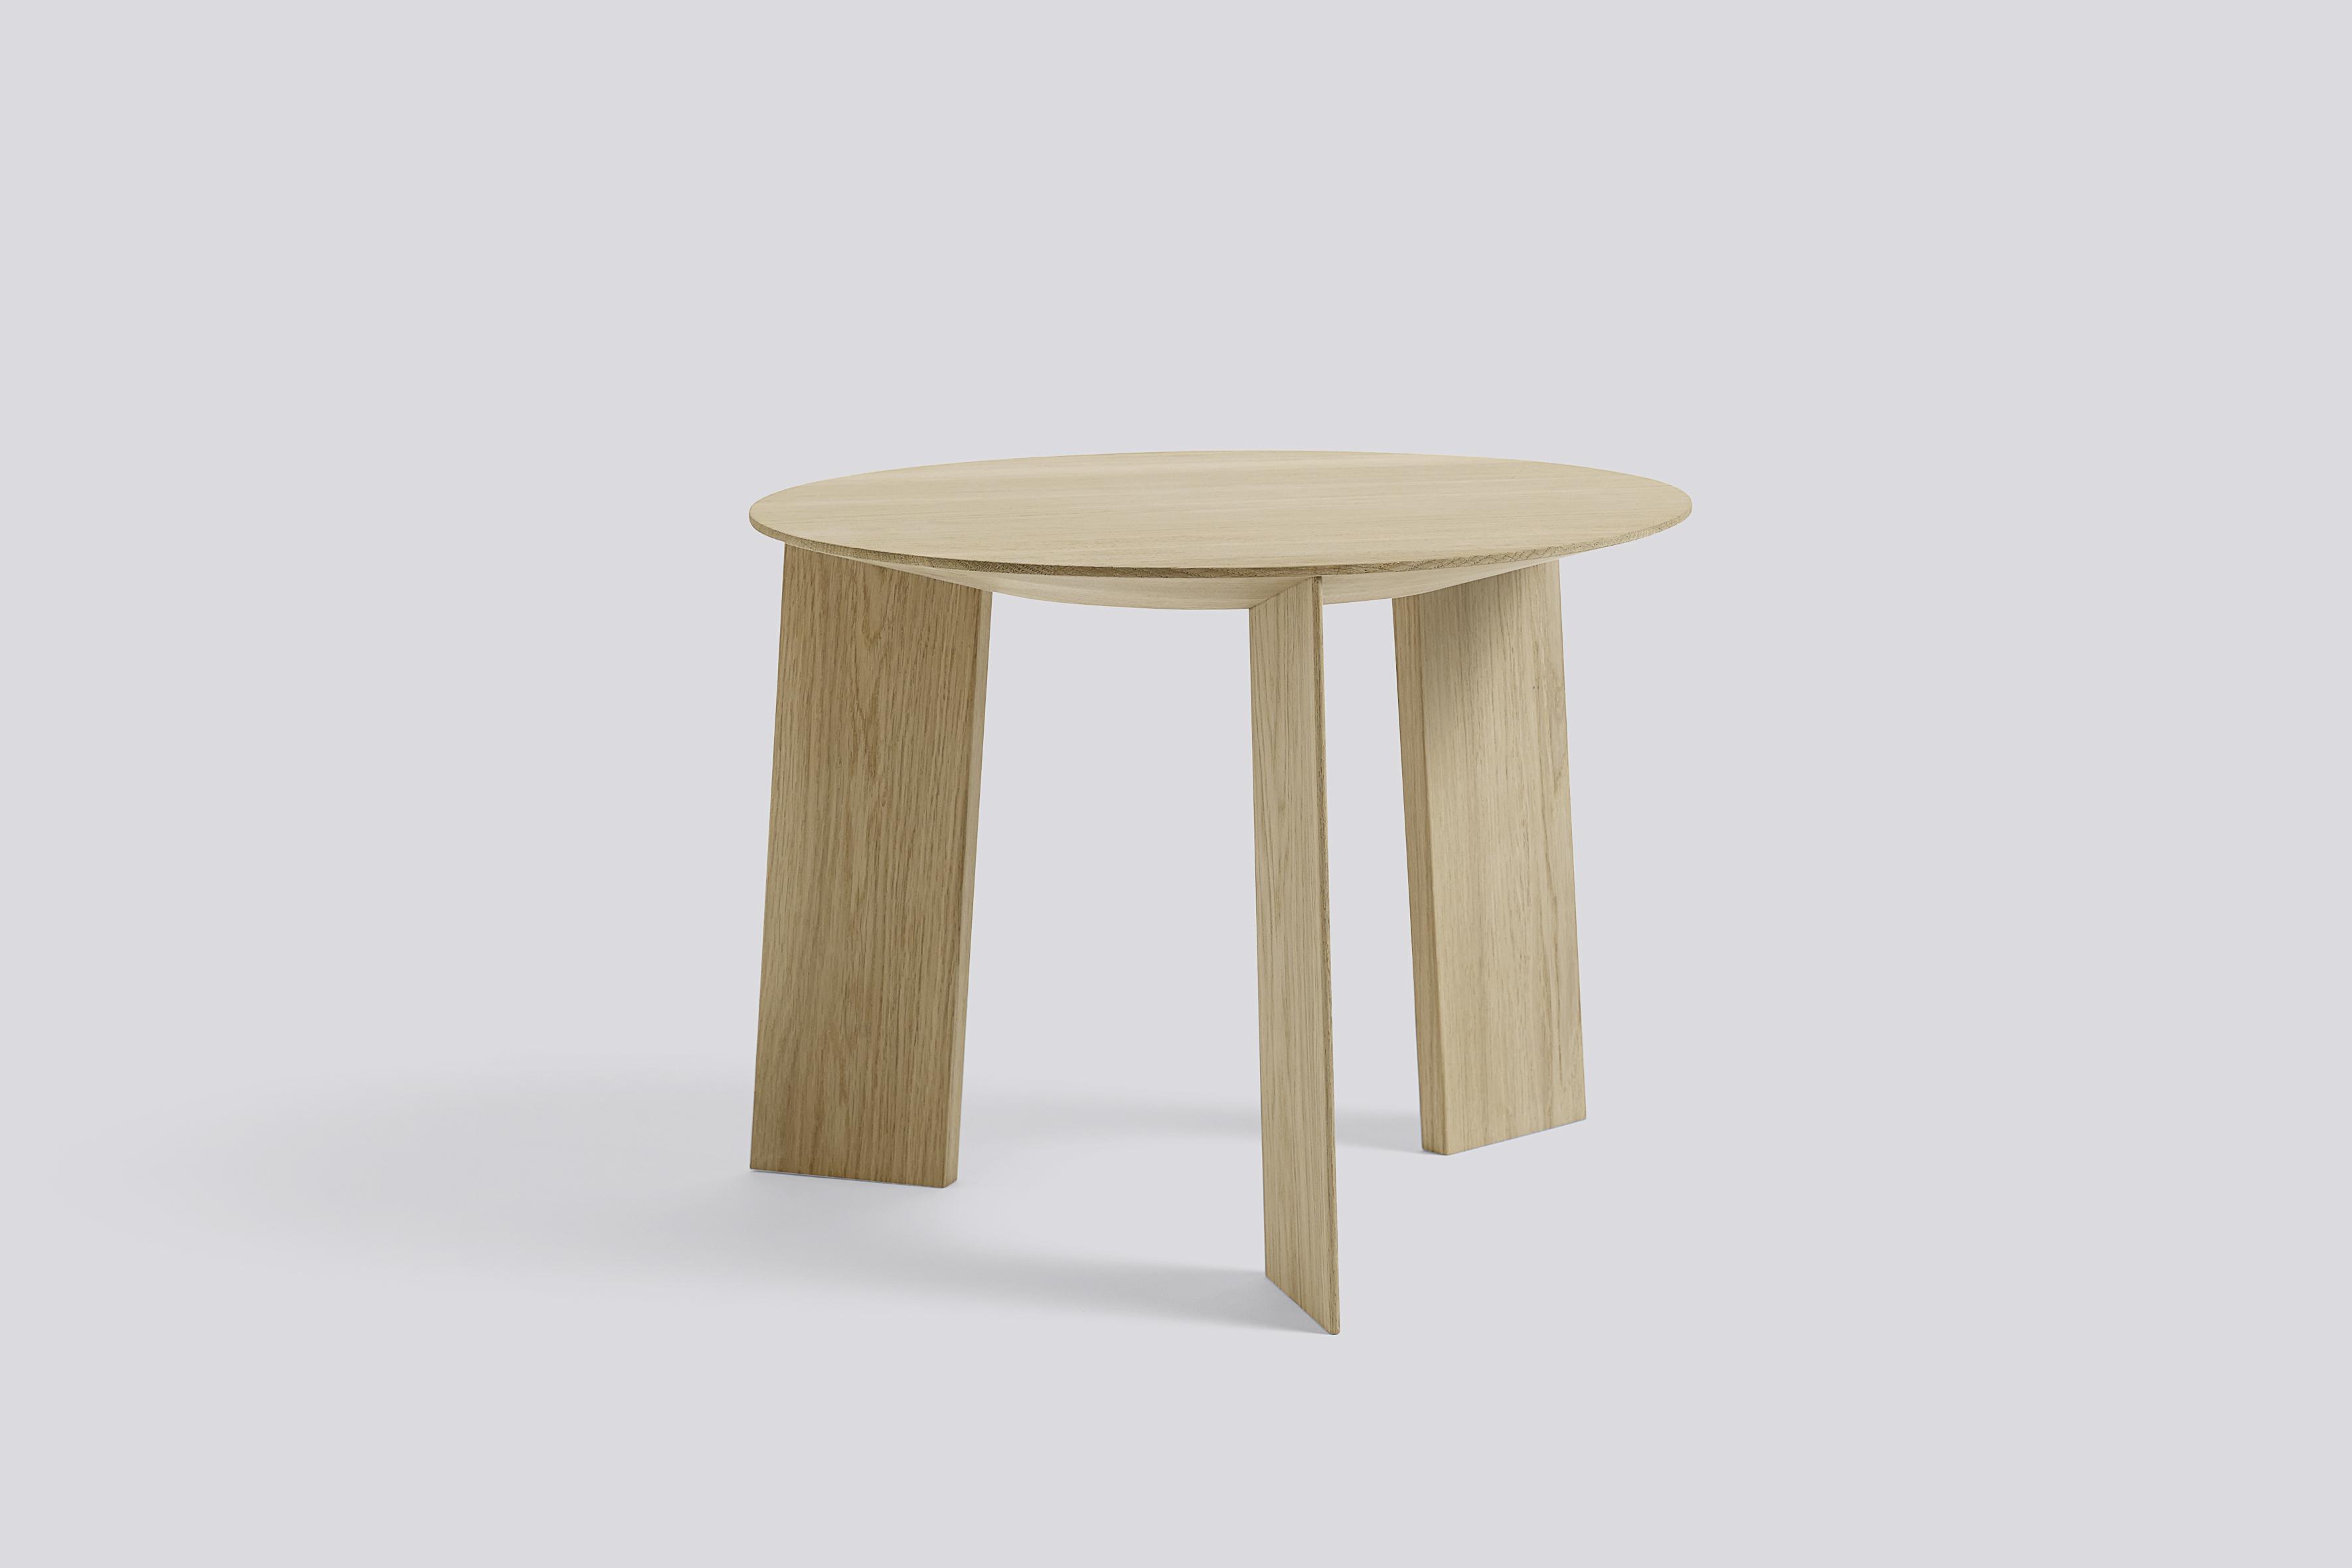 Необычный журнальный столик с современным дизайном, фото столика Elephant Table